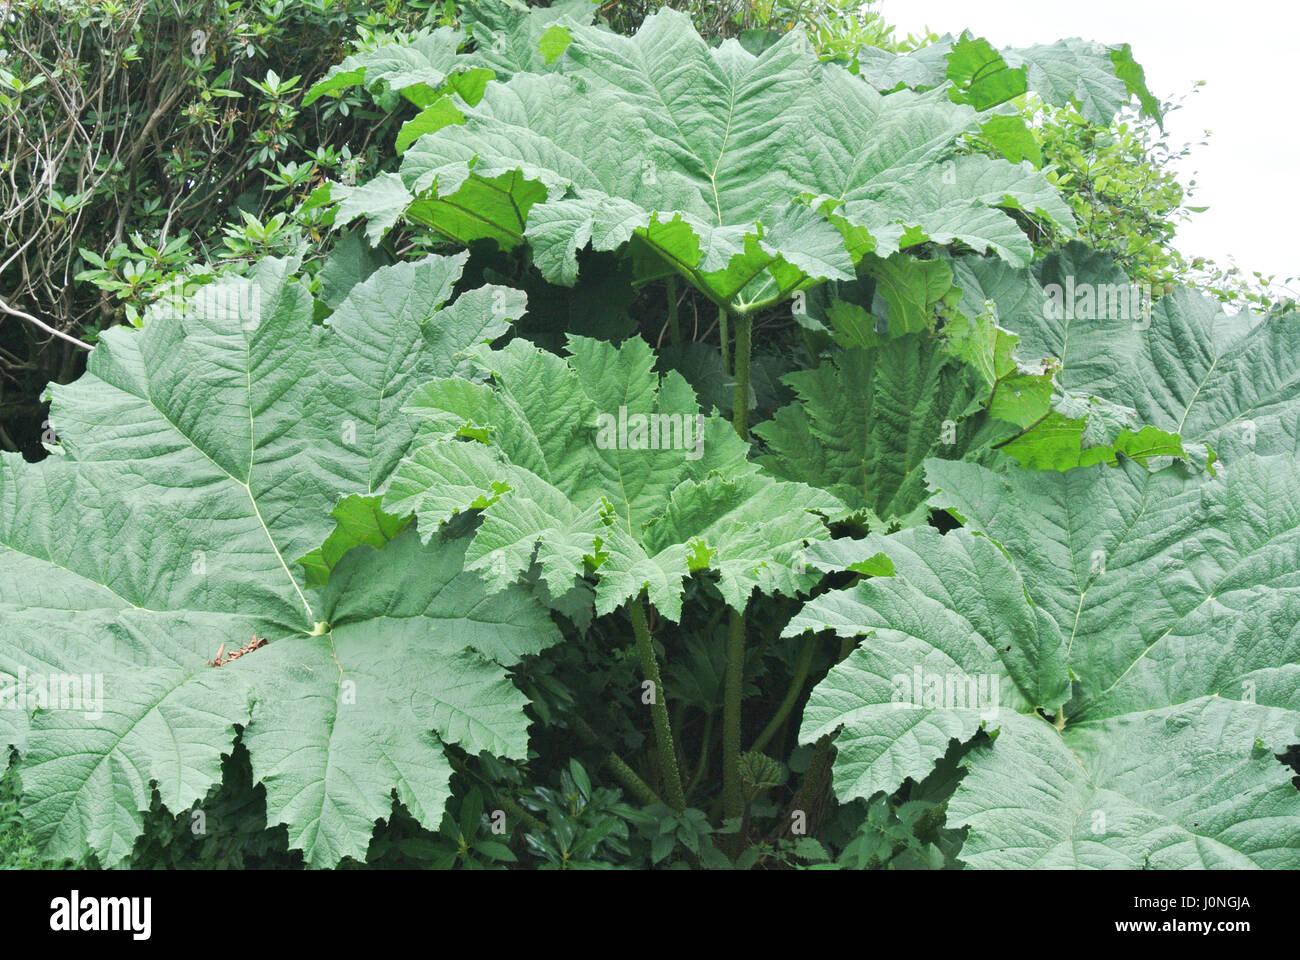 Gunnera is a genus of herbaceous flowering plants - Stock Image